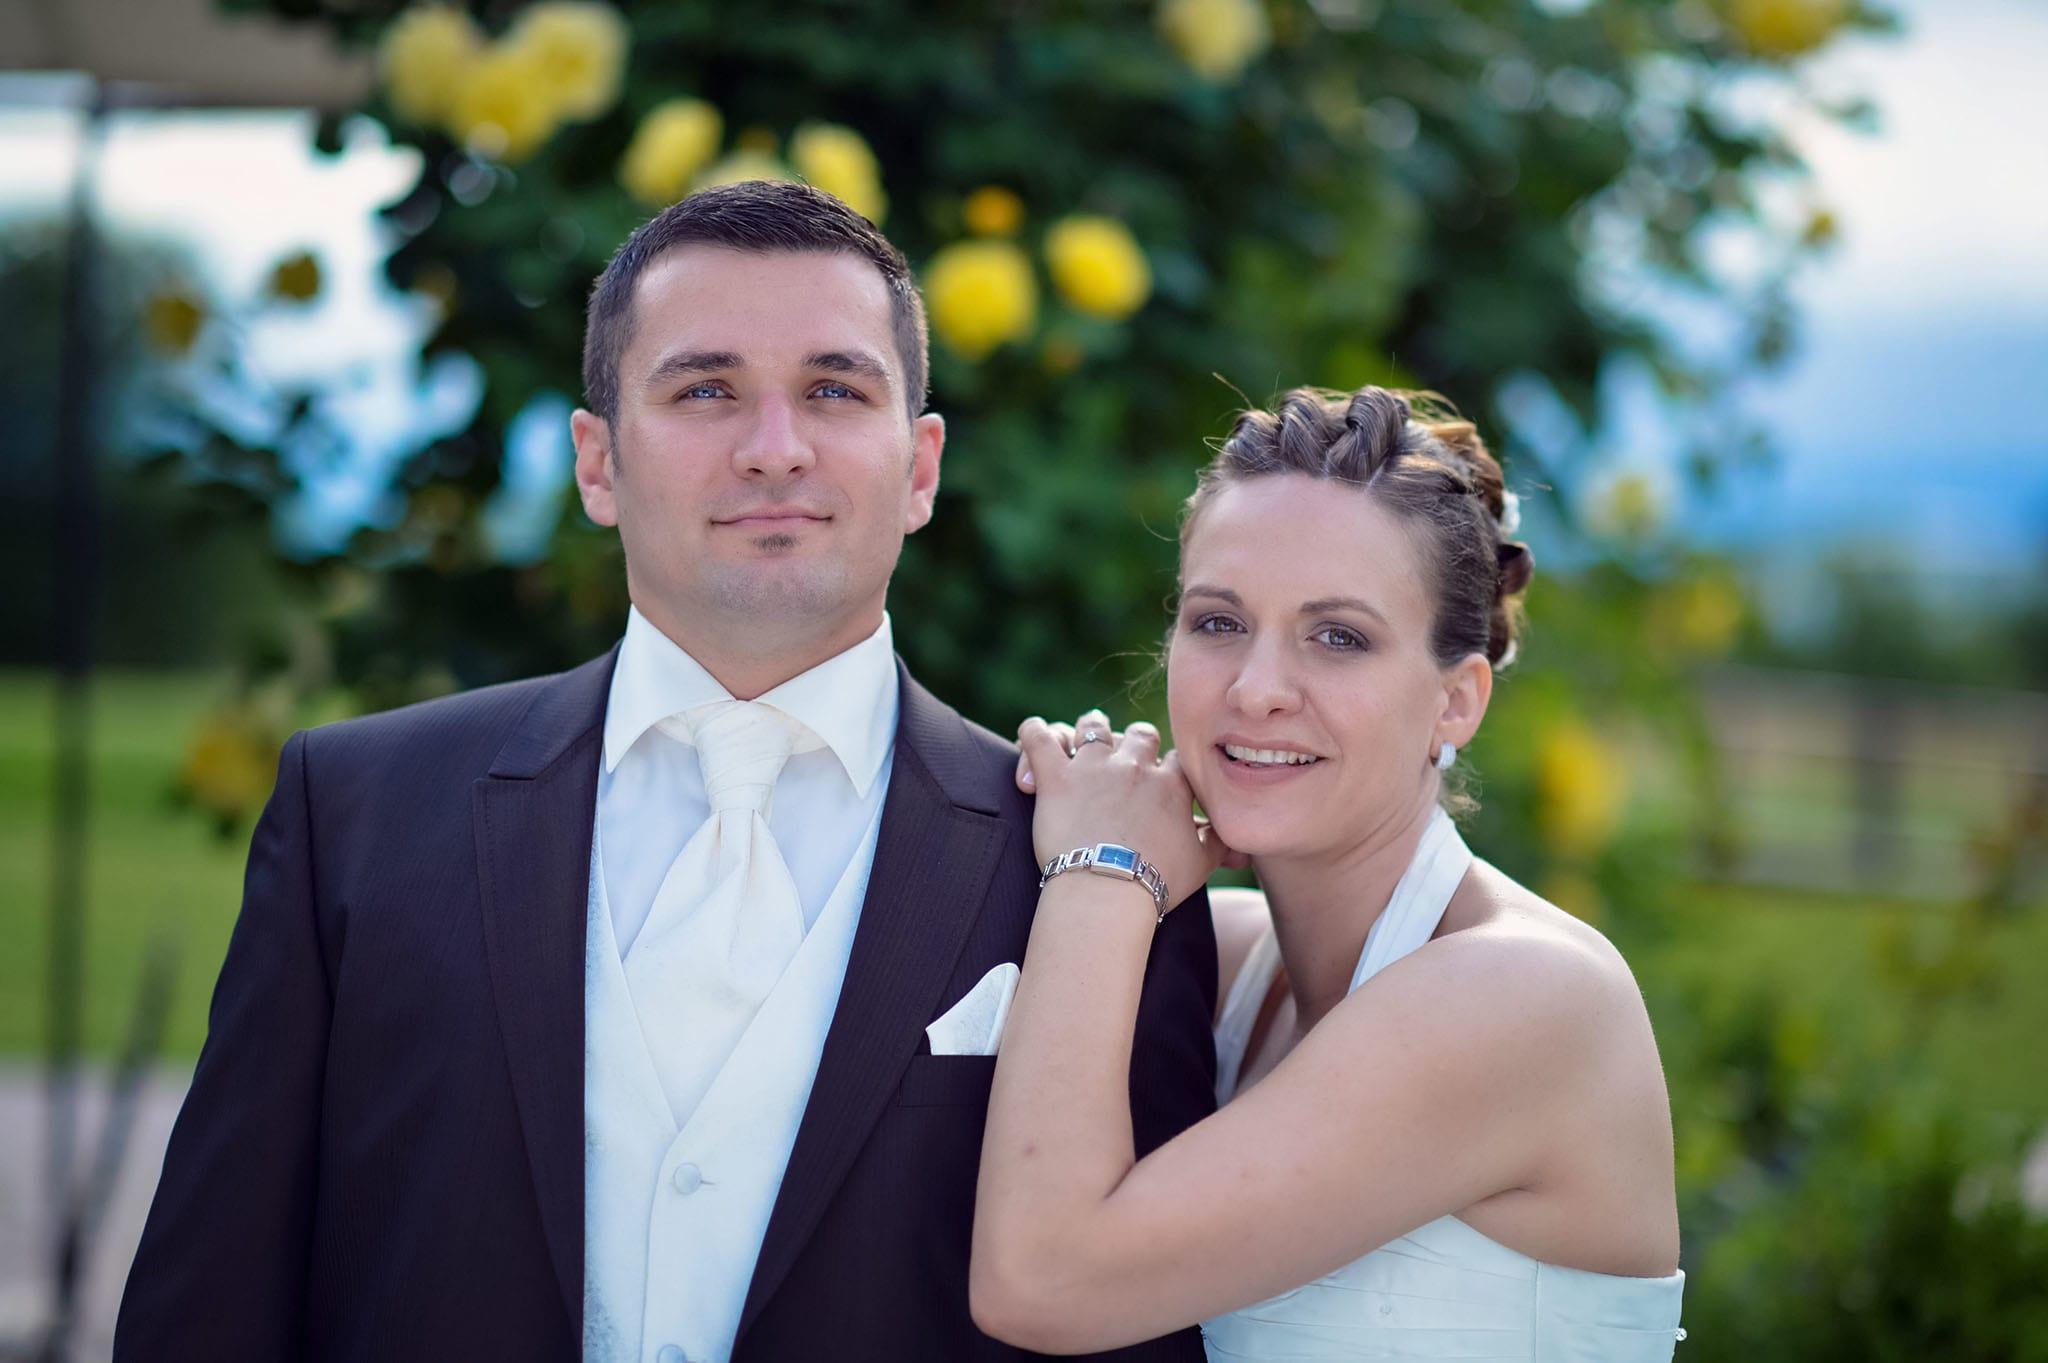 Hochzeit 019 Brautpaar Braut Bräutigam Hochzeit heiraten Foto Hochzeitsfoto Ehe Brautkleid Anzug Hochzeitsfotografie Daniel Fuss Fotografie